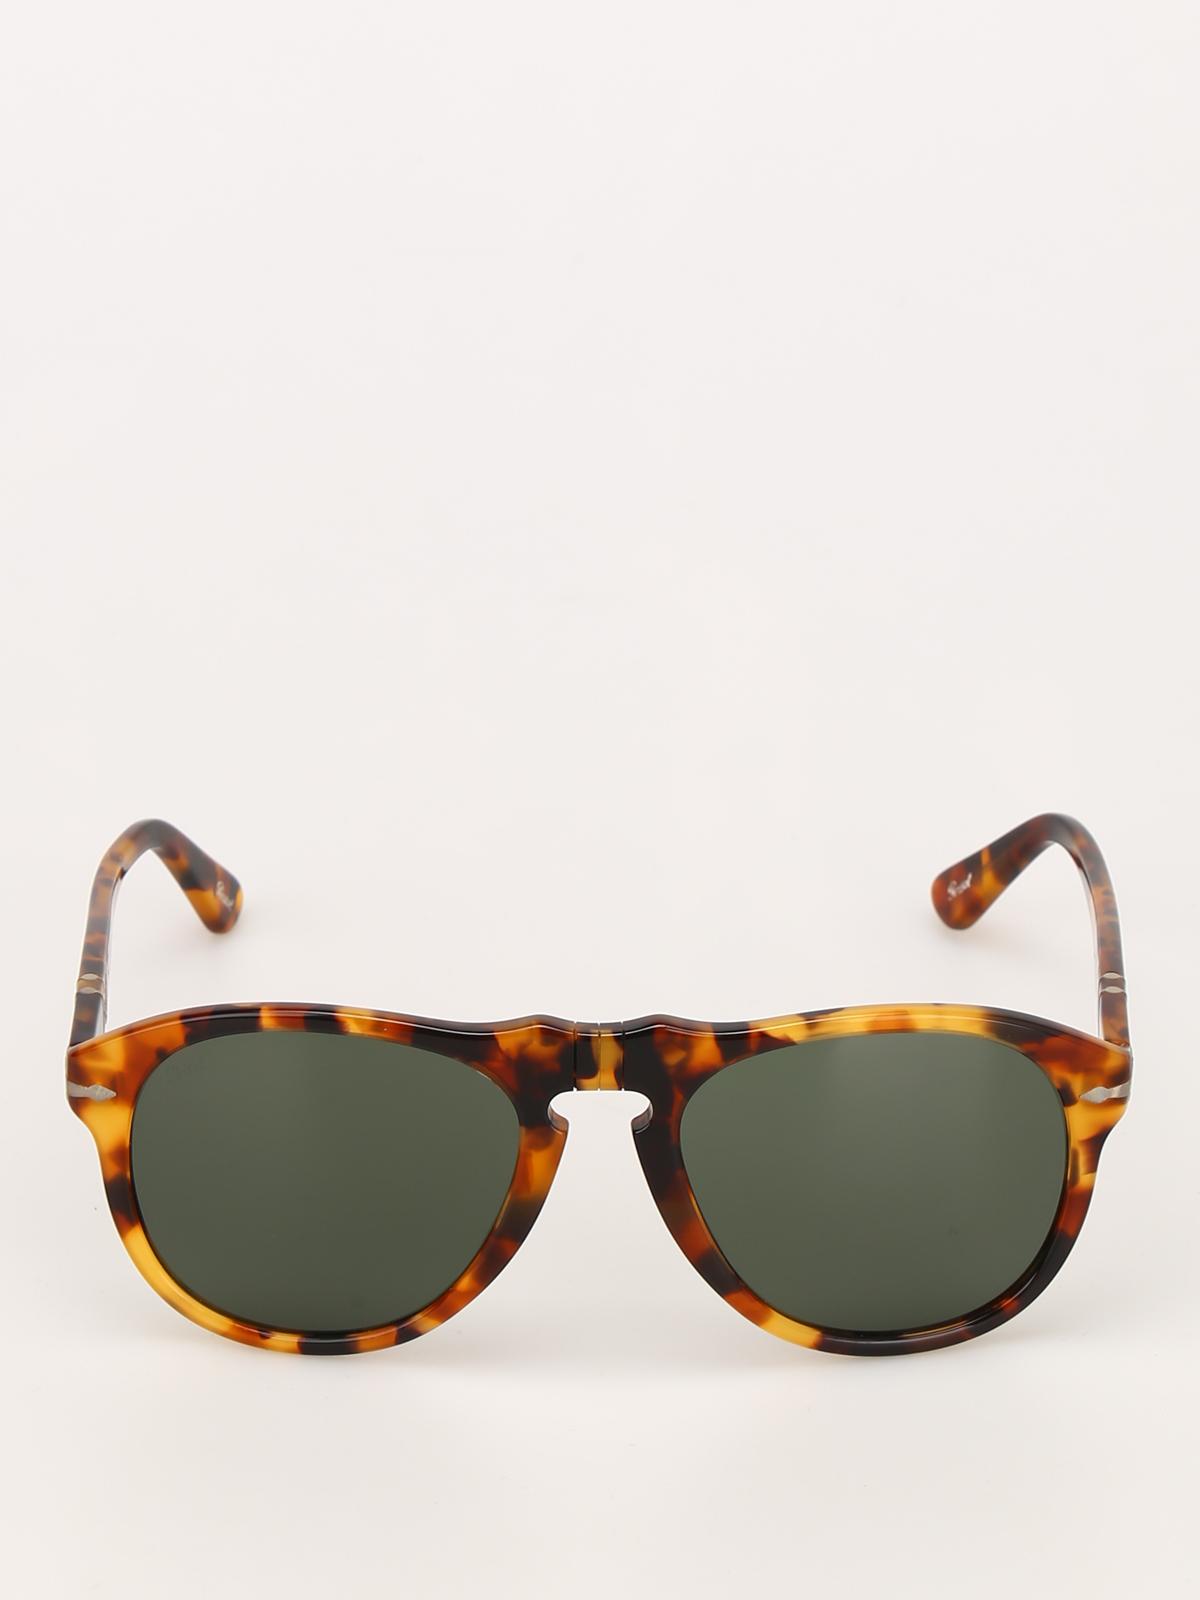 9636d7eec15 Persol - 649 Original havana sunglasses - sunglasses - 64910524E